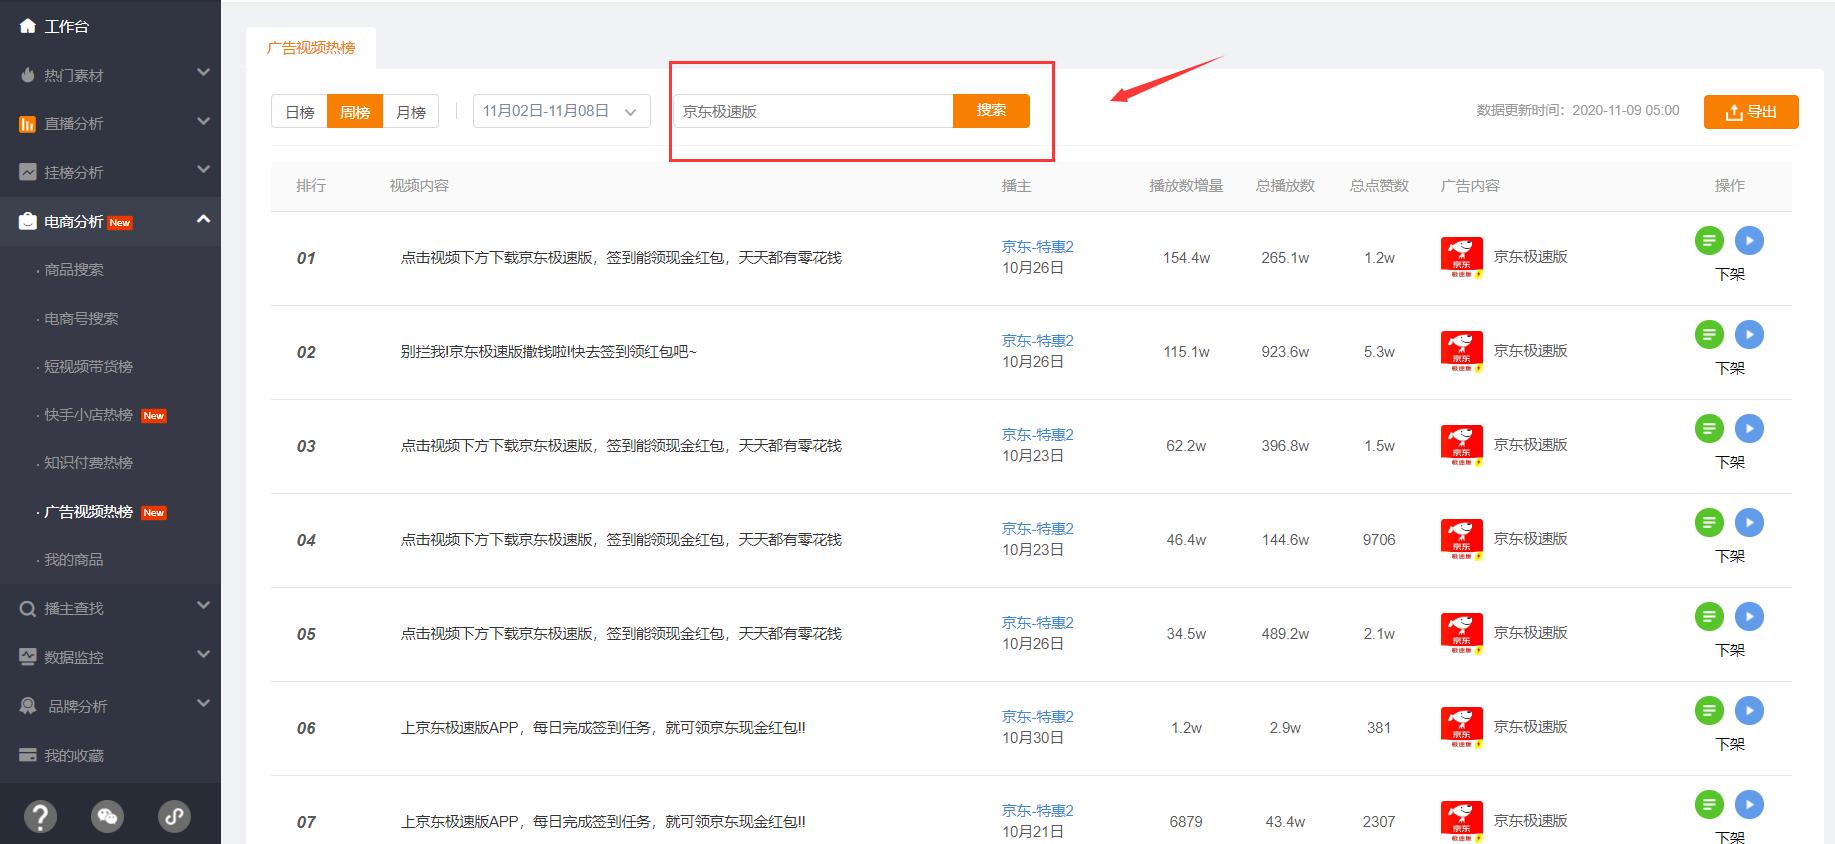 飞瓜快手-广告视频热榜搜索结果